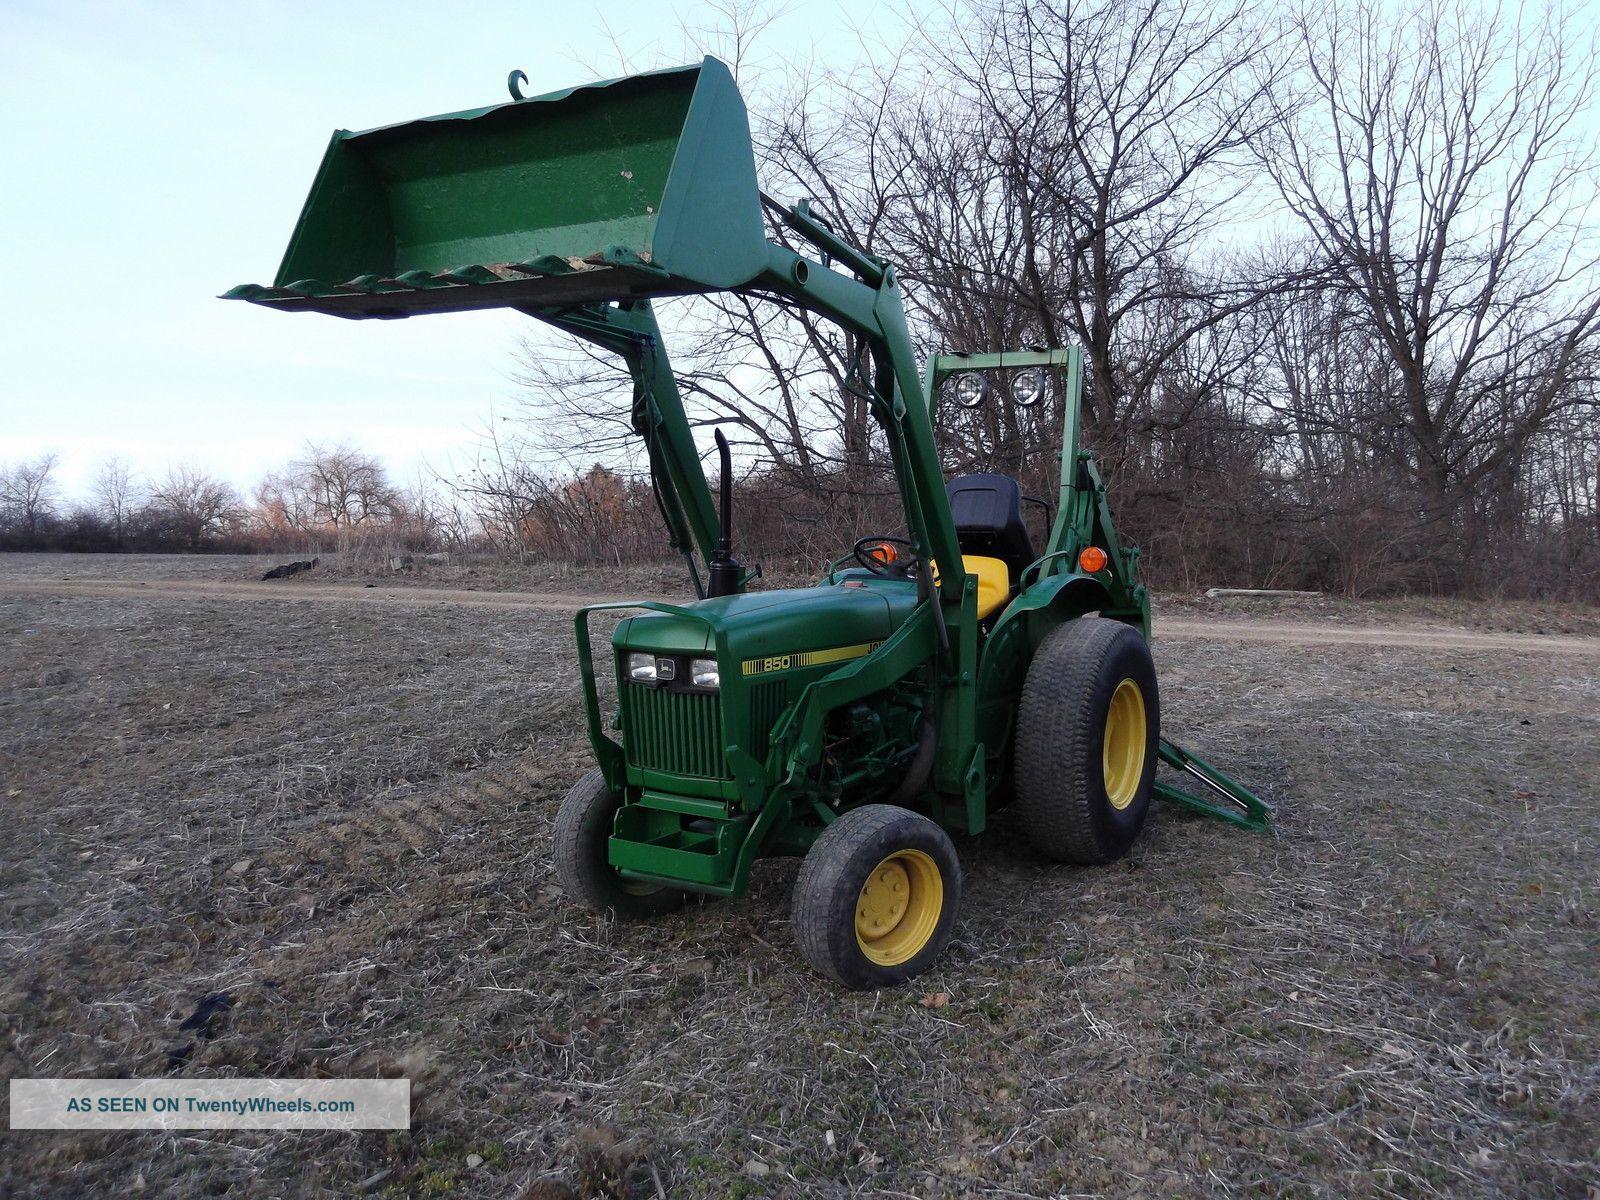 John Deere 850 Diesel Tractor : John deere wd diesel tractor with loader and backhoe